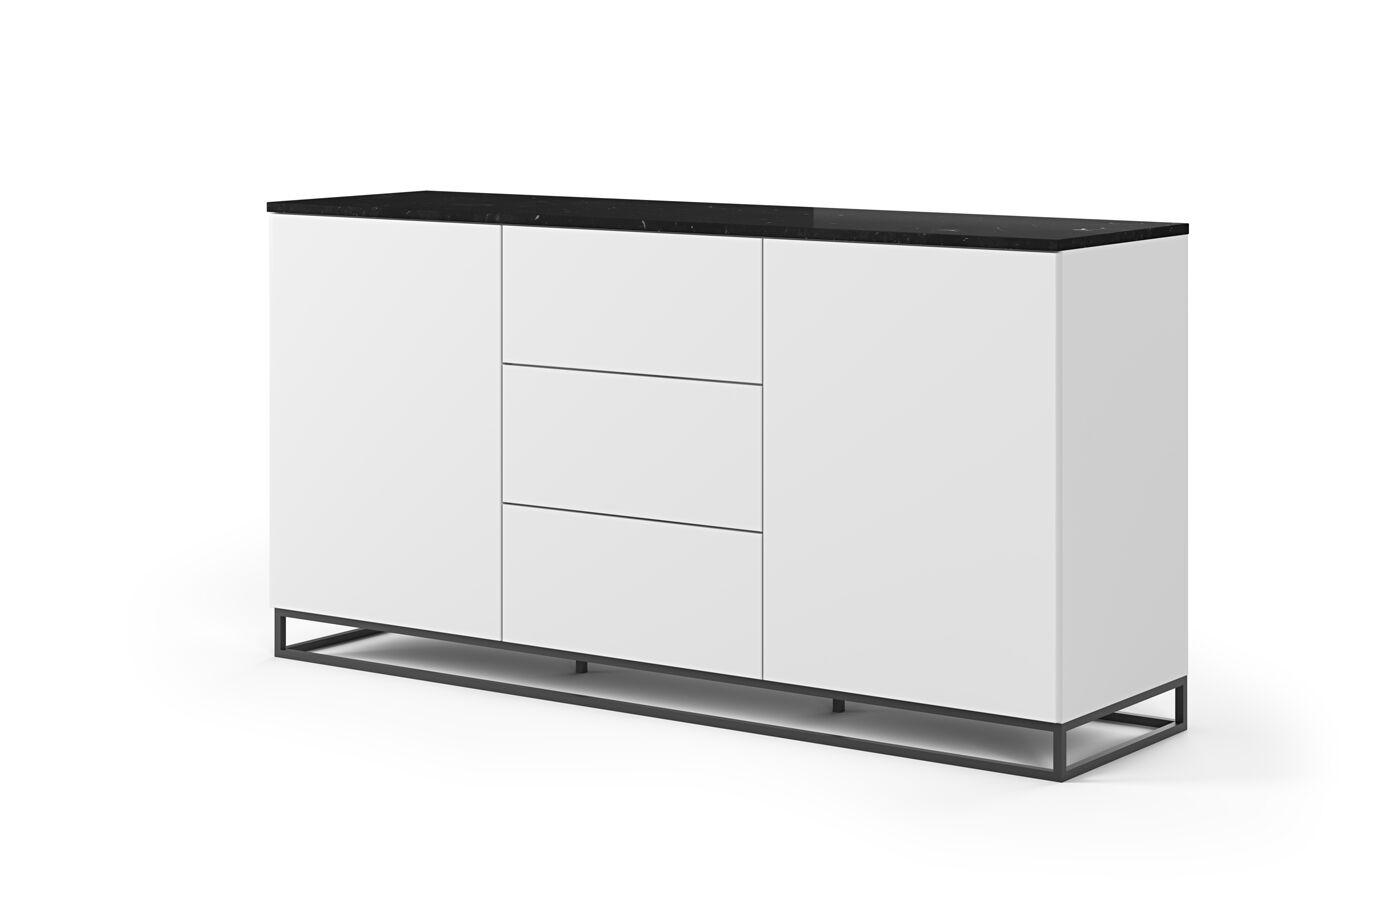 Temahome - Join 180H1 Skjenk m. metalben - Matt hvit/Svart marmor